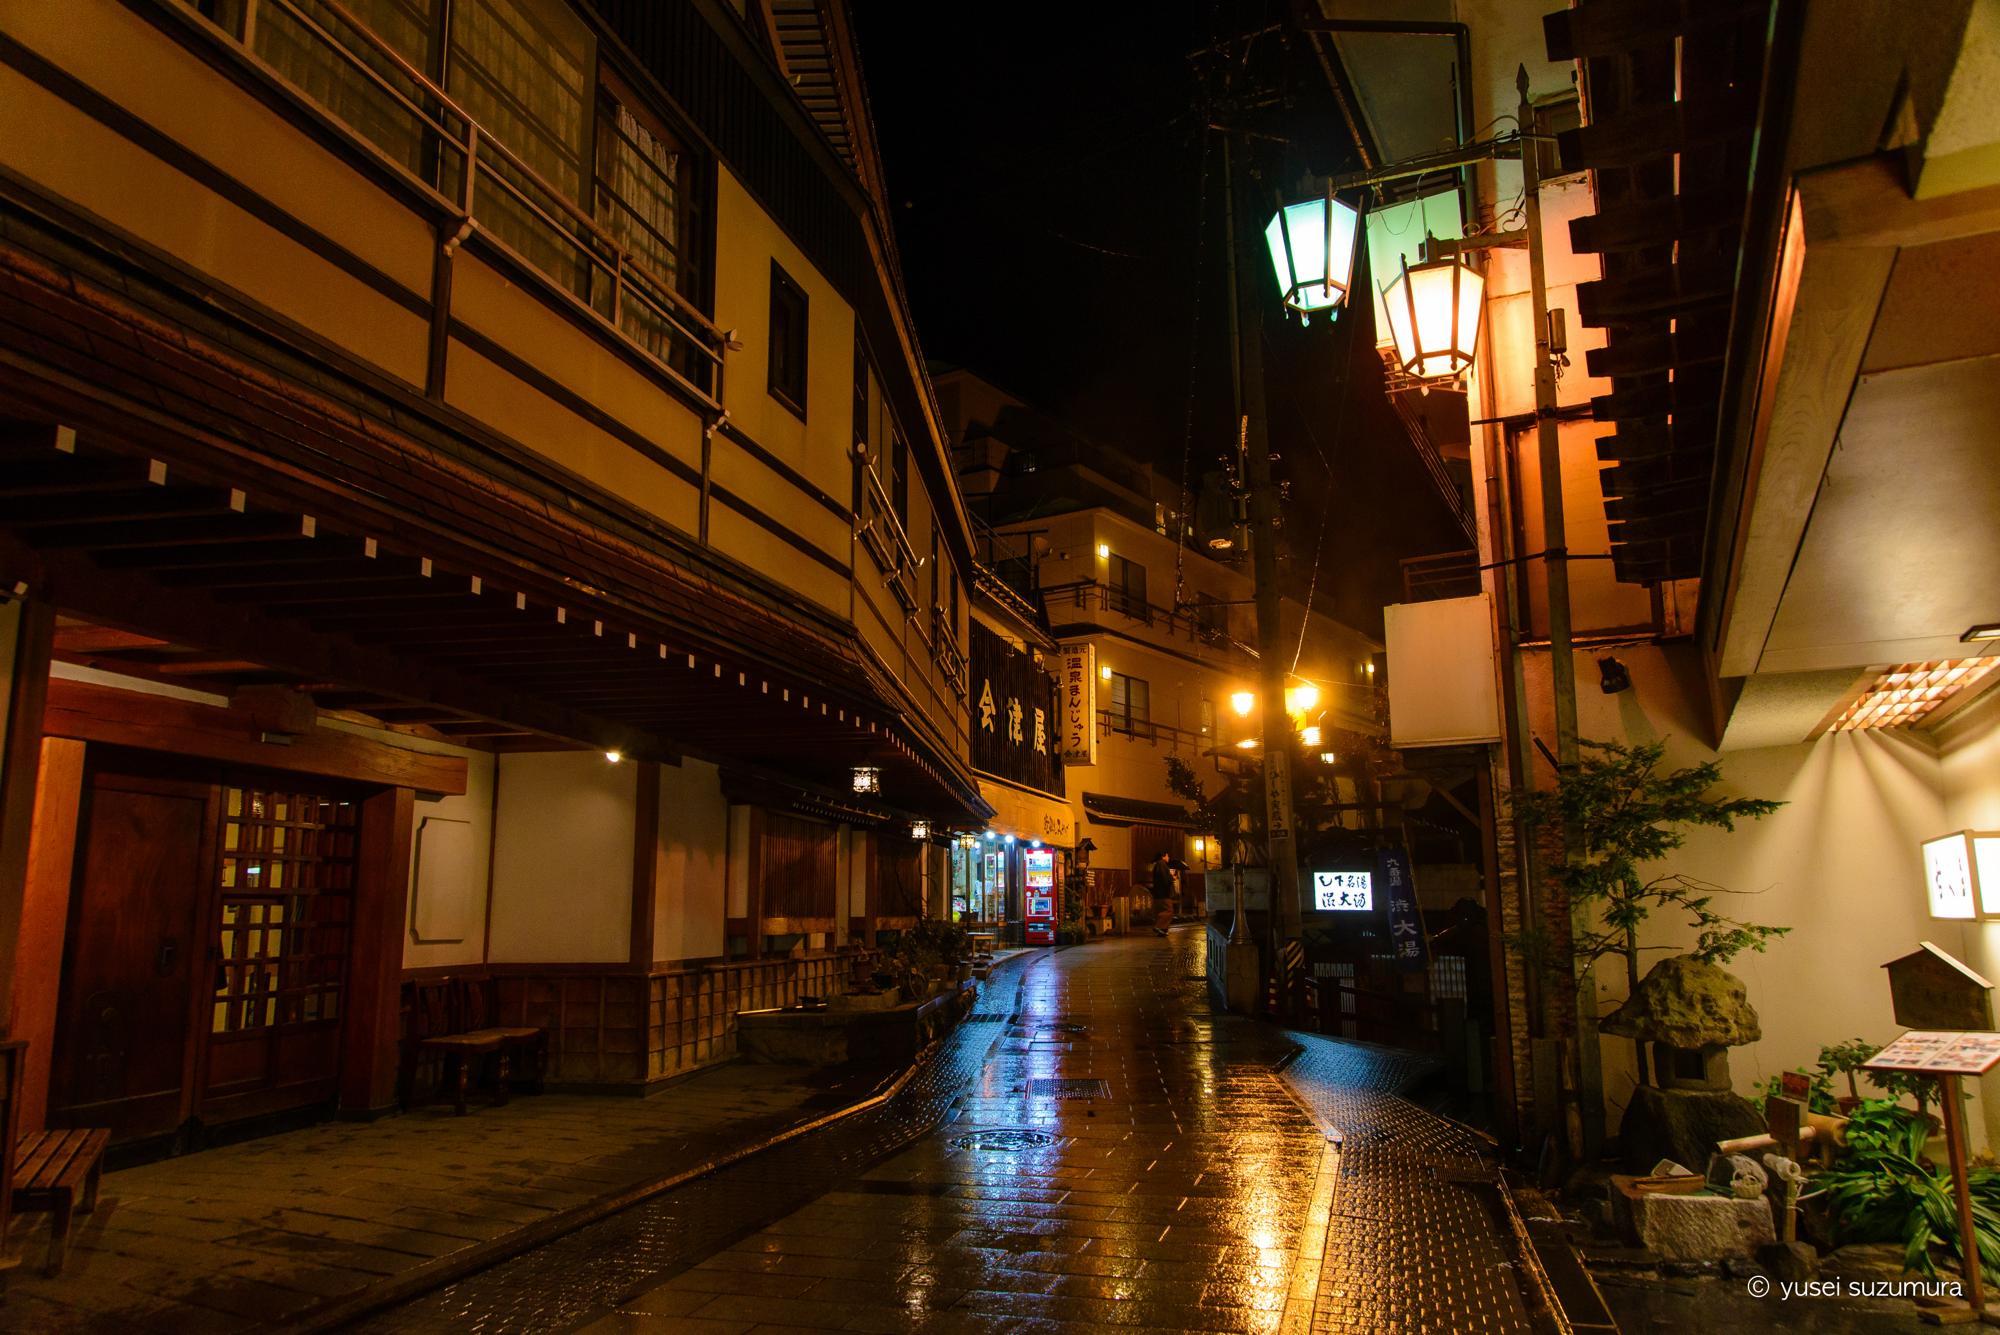 渋温泉 温泉街 夜